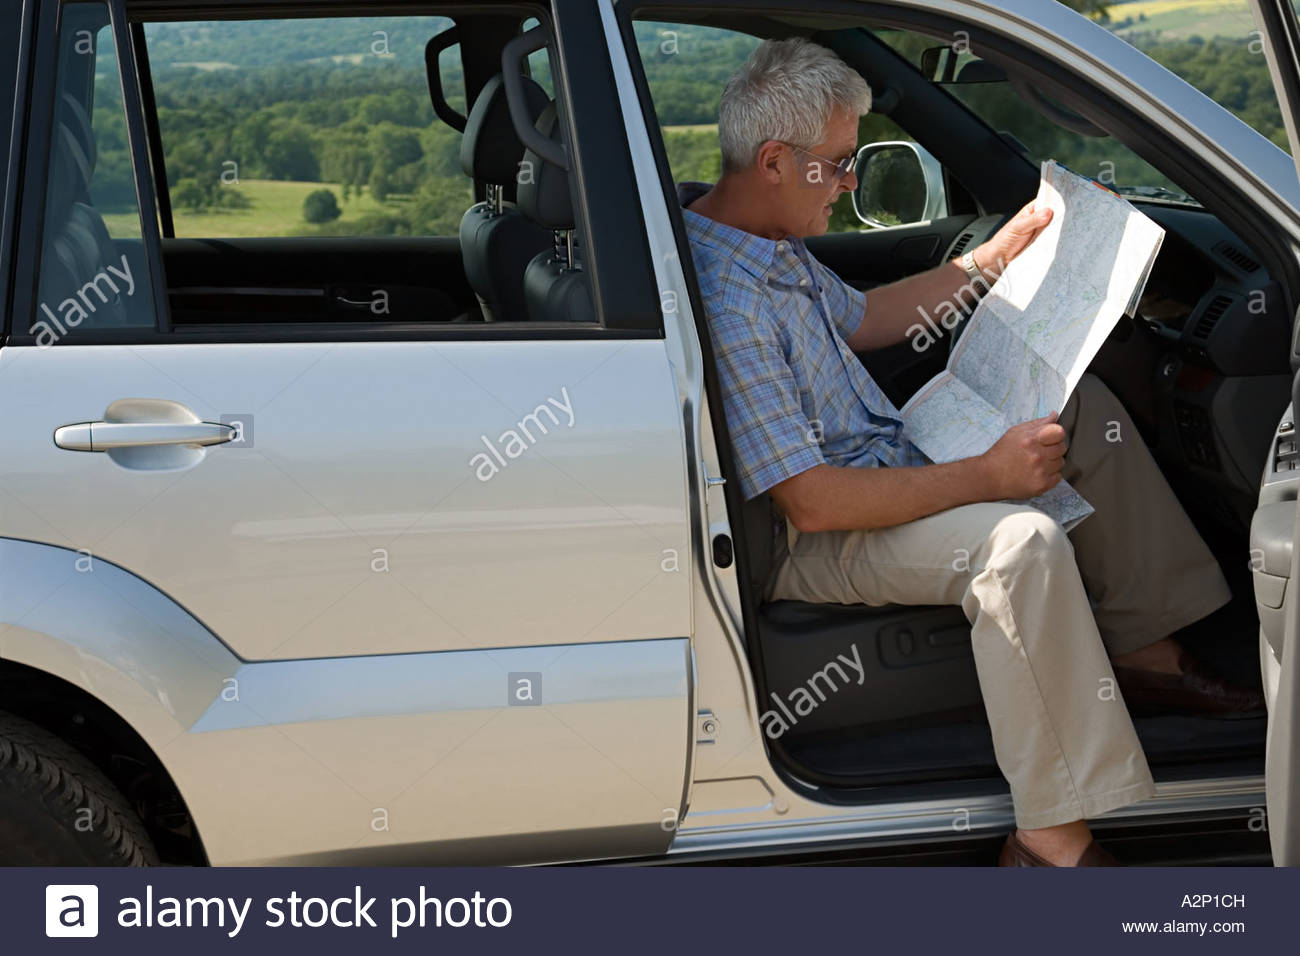 Uomo in auto con mappa Immagini Stock